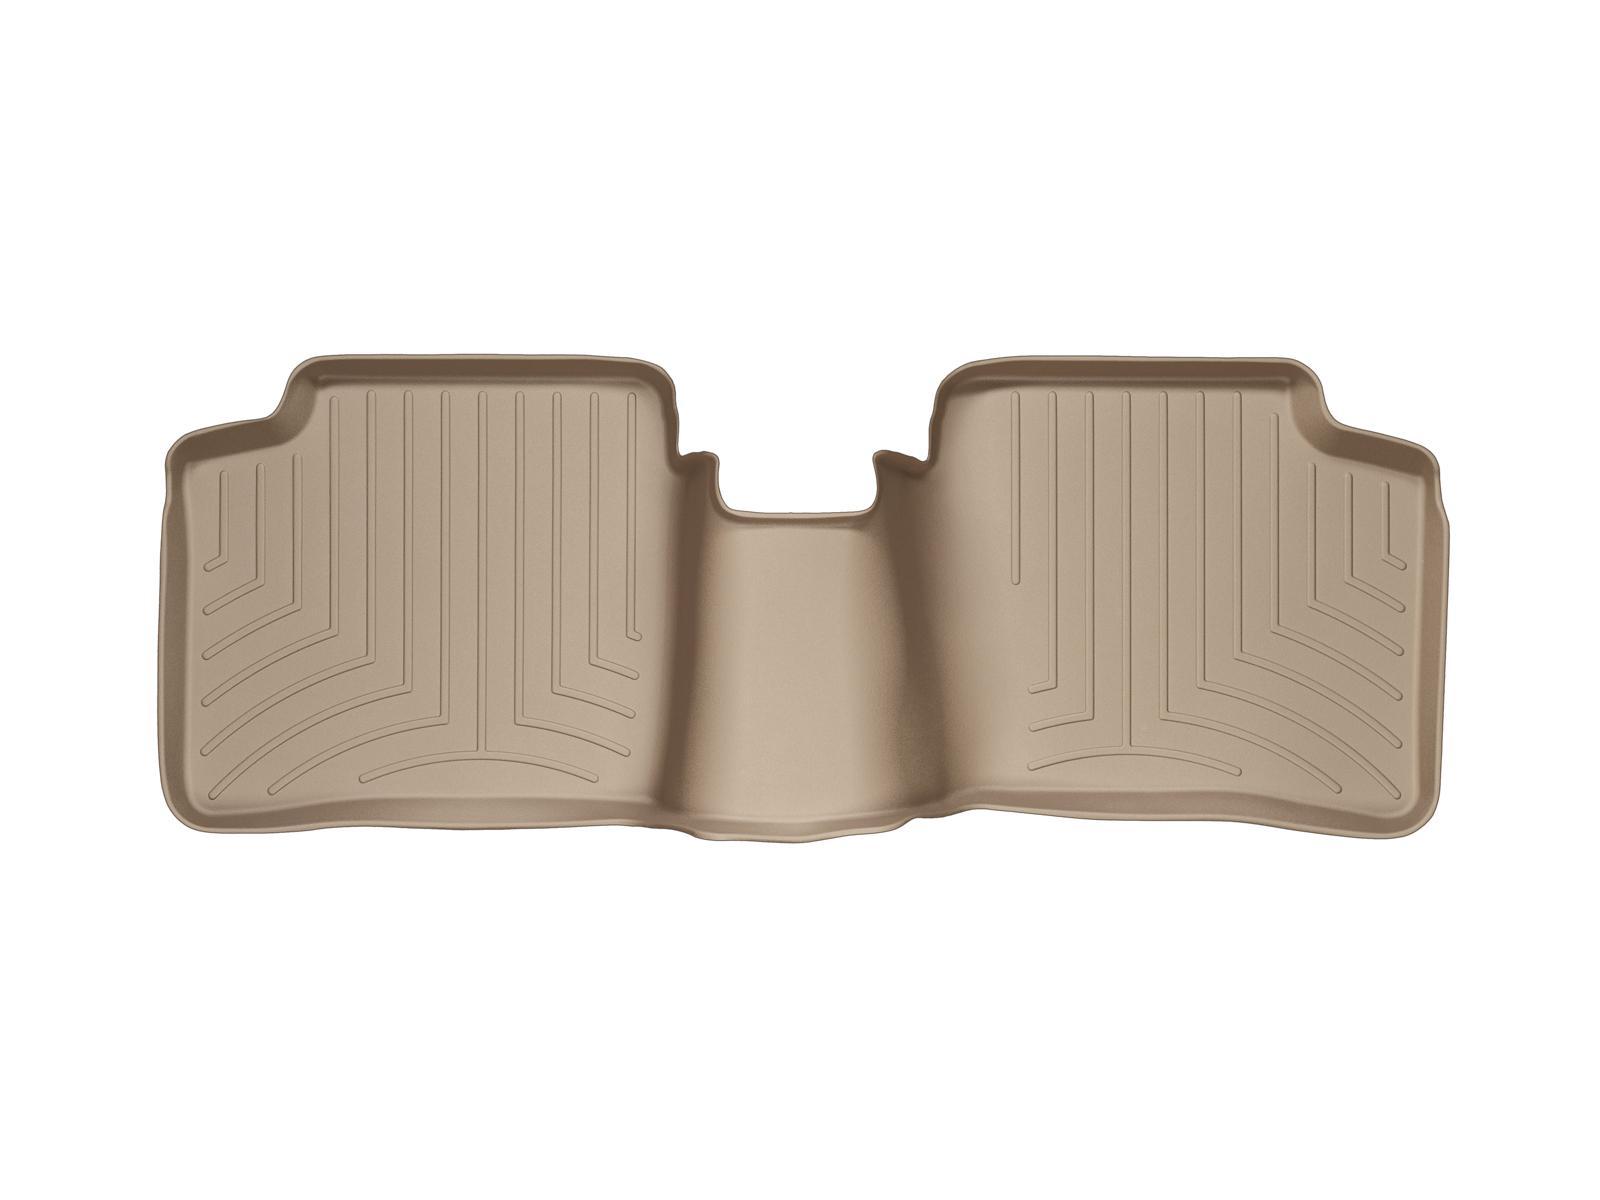 Tappeti gomma su misura bordo alto Toyota Prius 04>08 Marrone A3731*